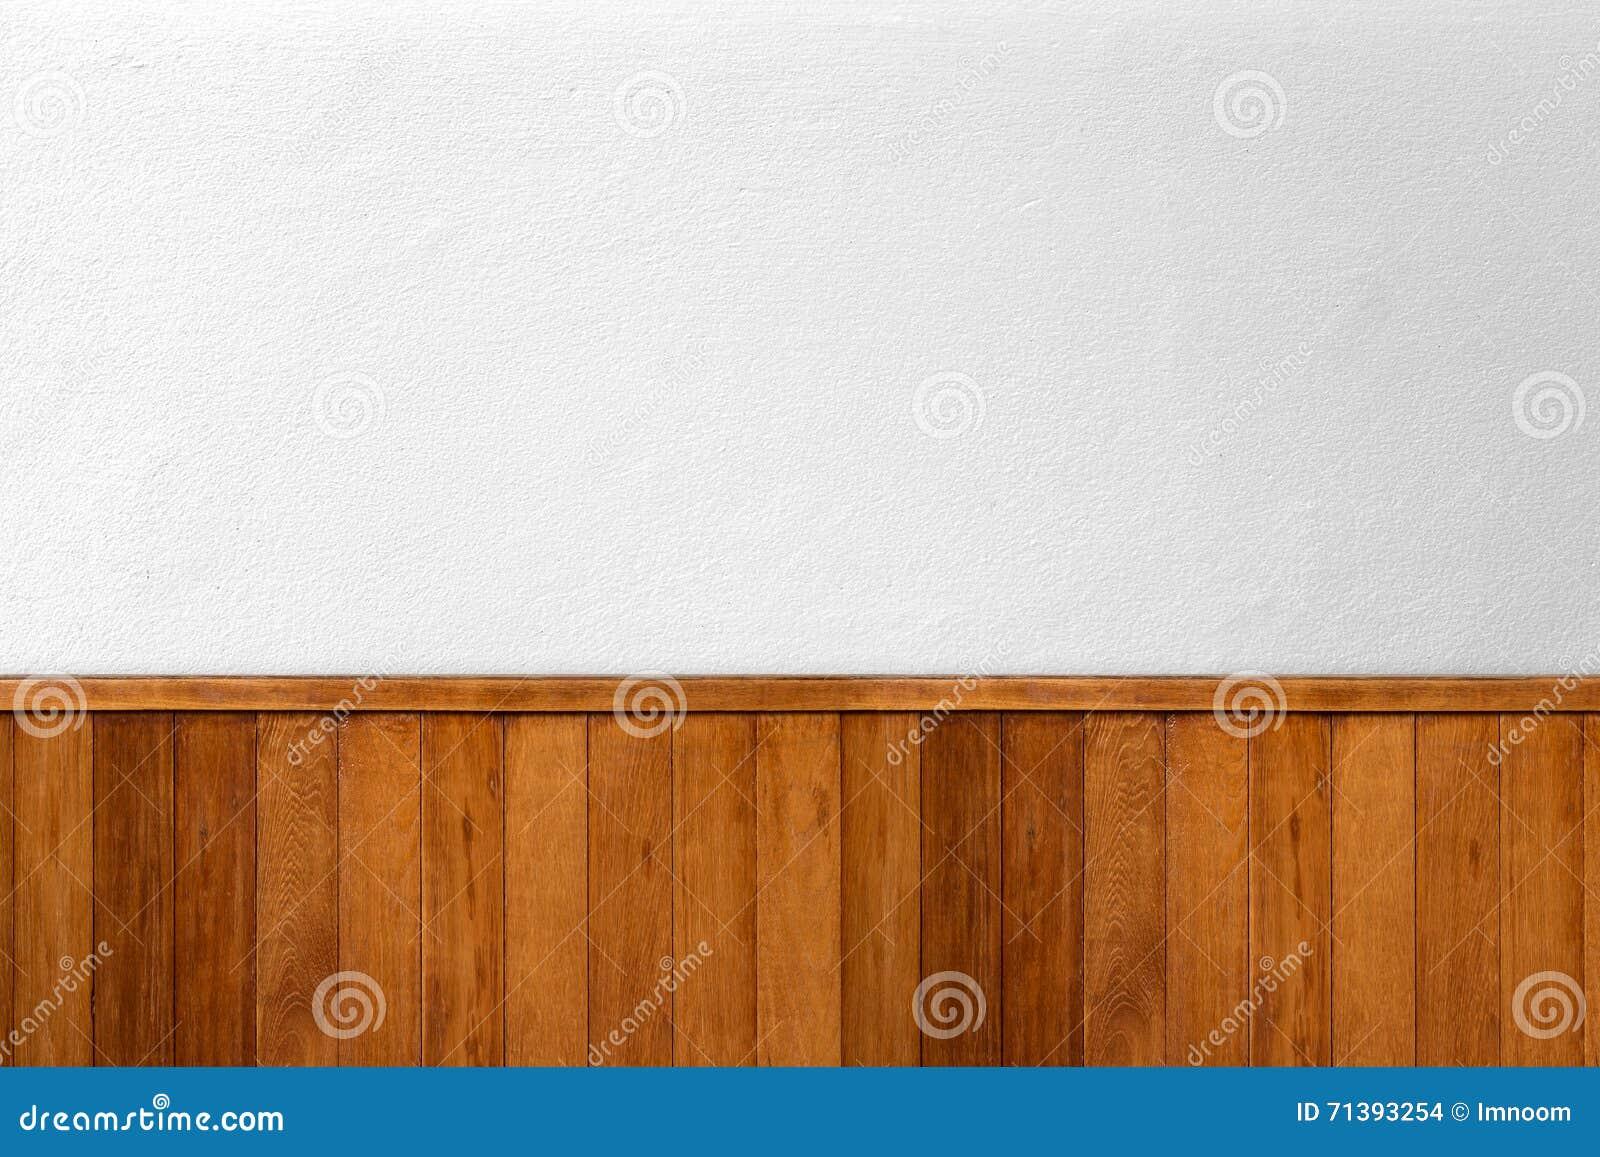 Muurdecoratie Van Hout.Witte Concrete Muurdecoratie Met Hout Stock Foto